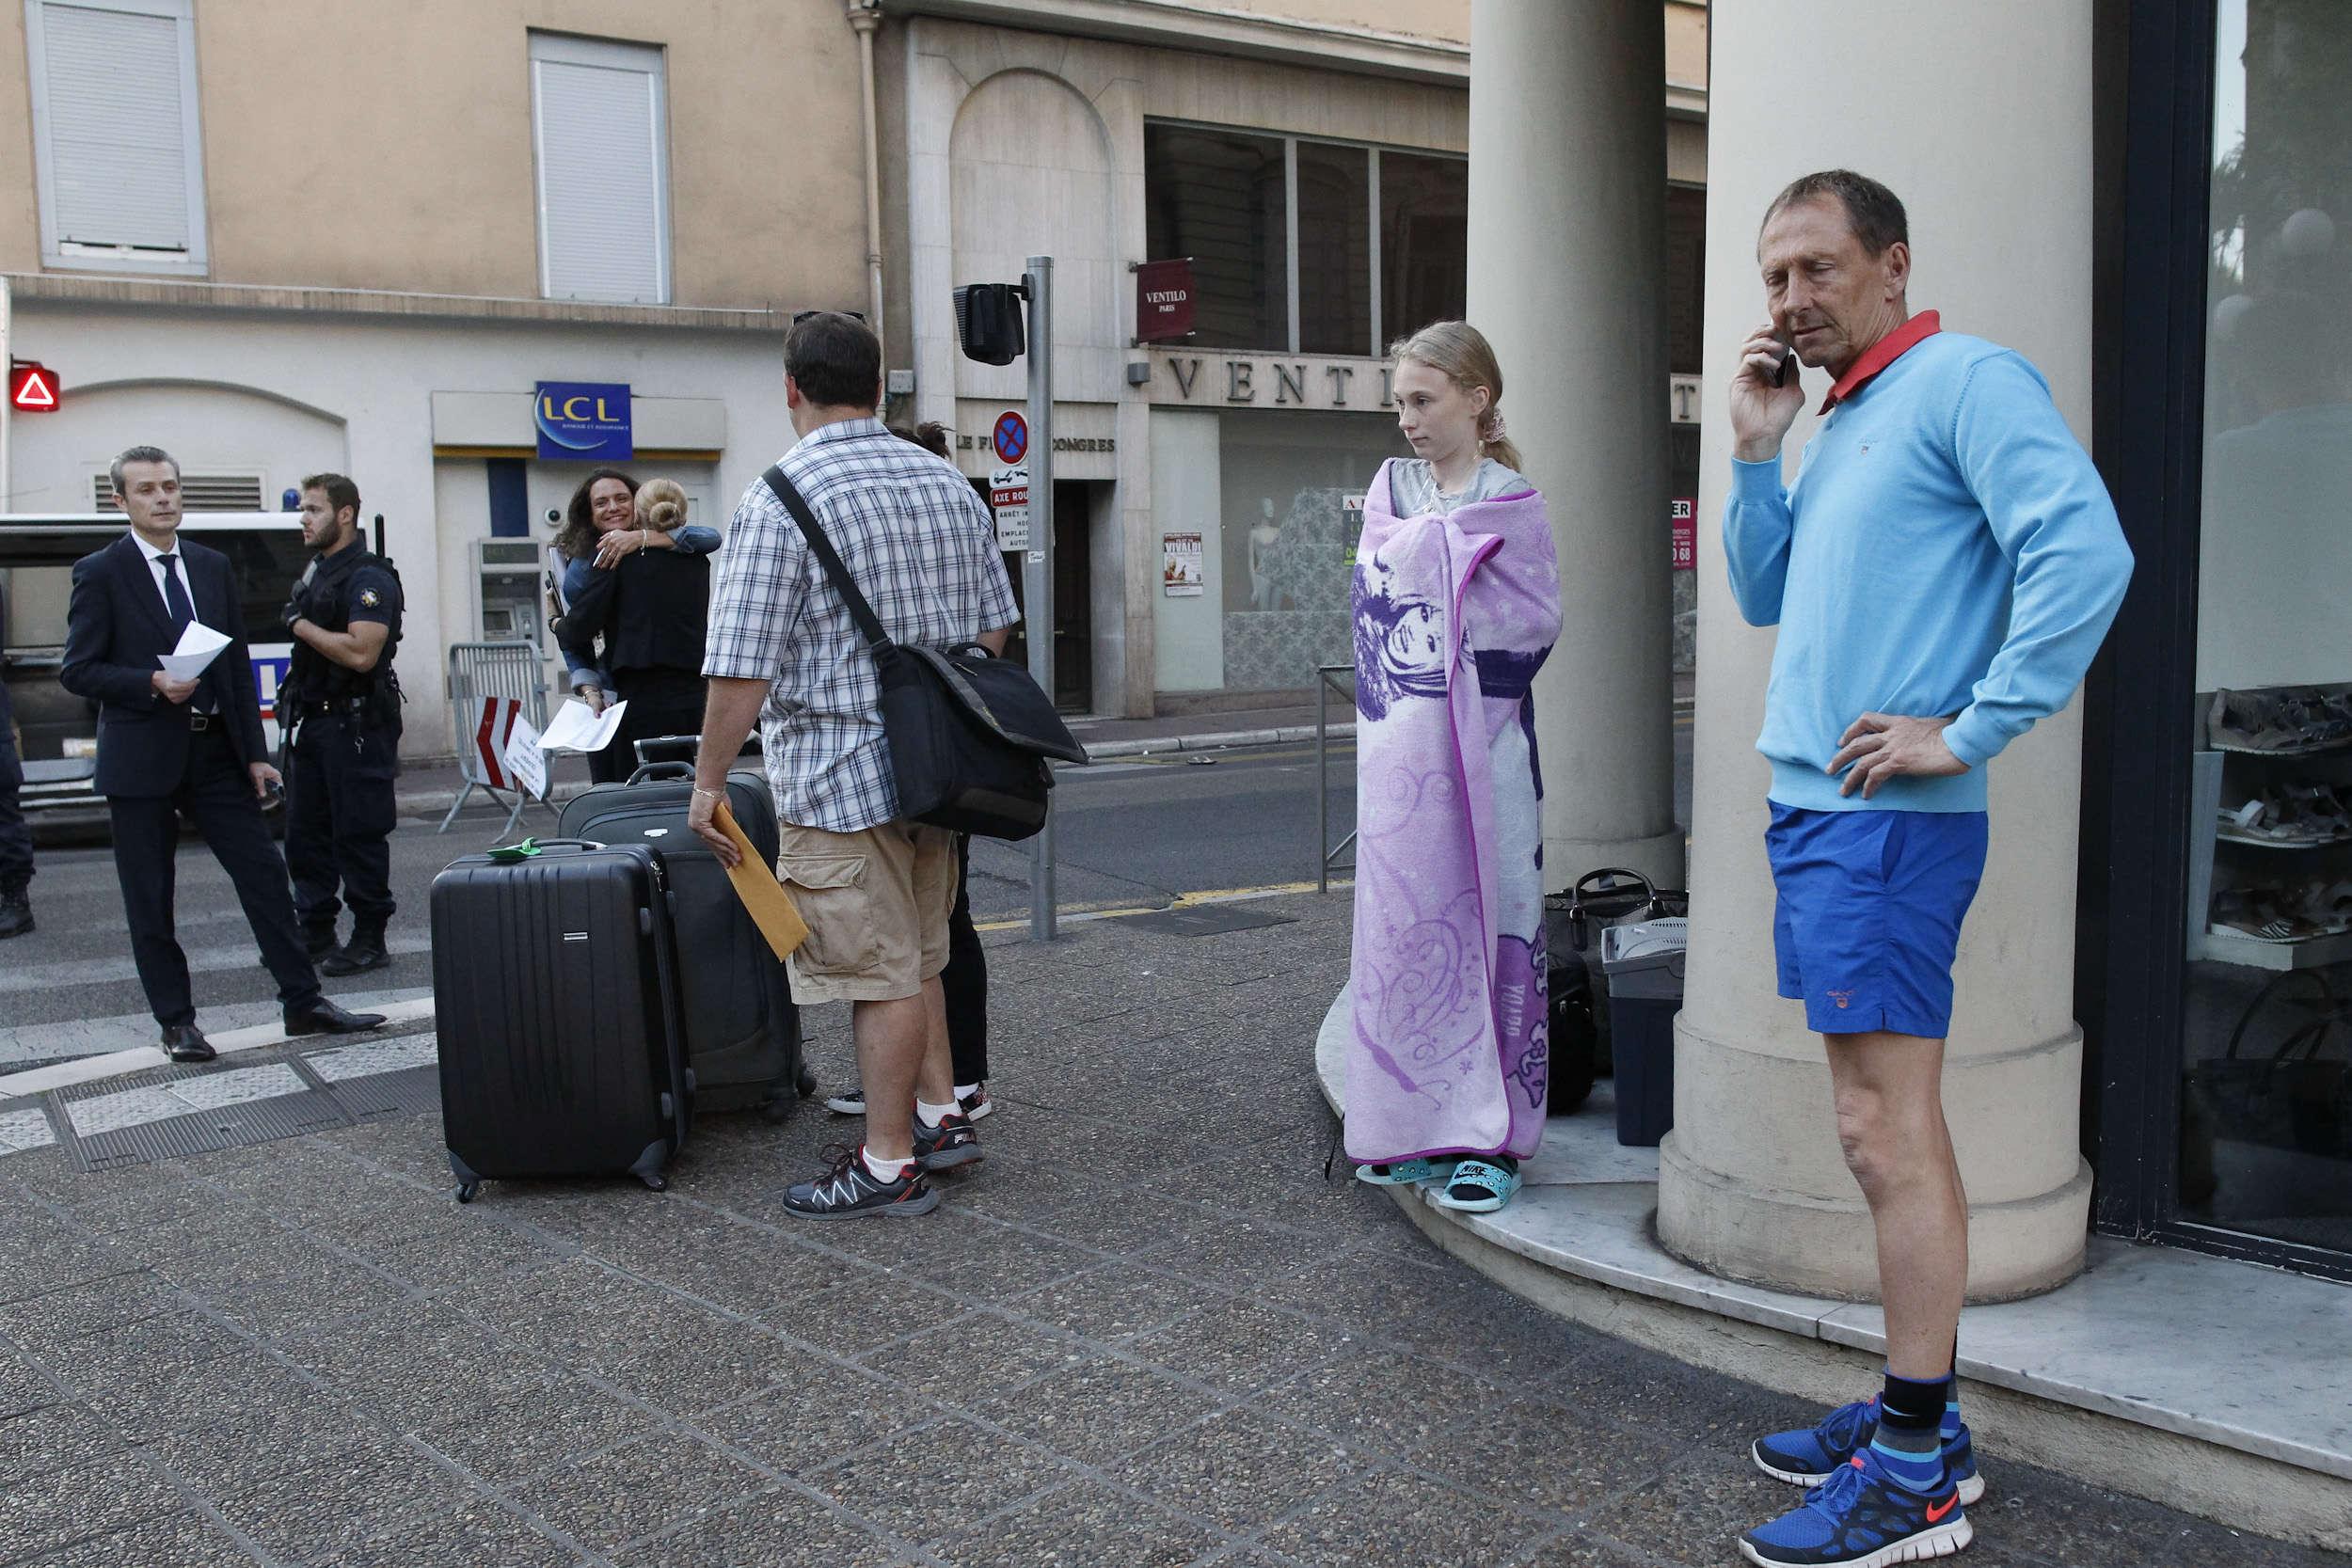 Des touristes,aidés par le personnel d'un hotel rue du Congres, attendent un taxi alors quela rue estbloquée.